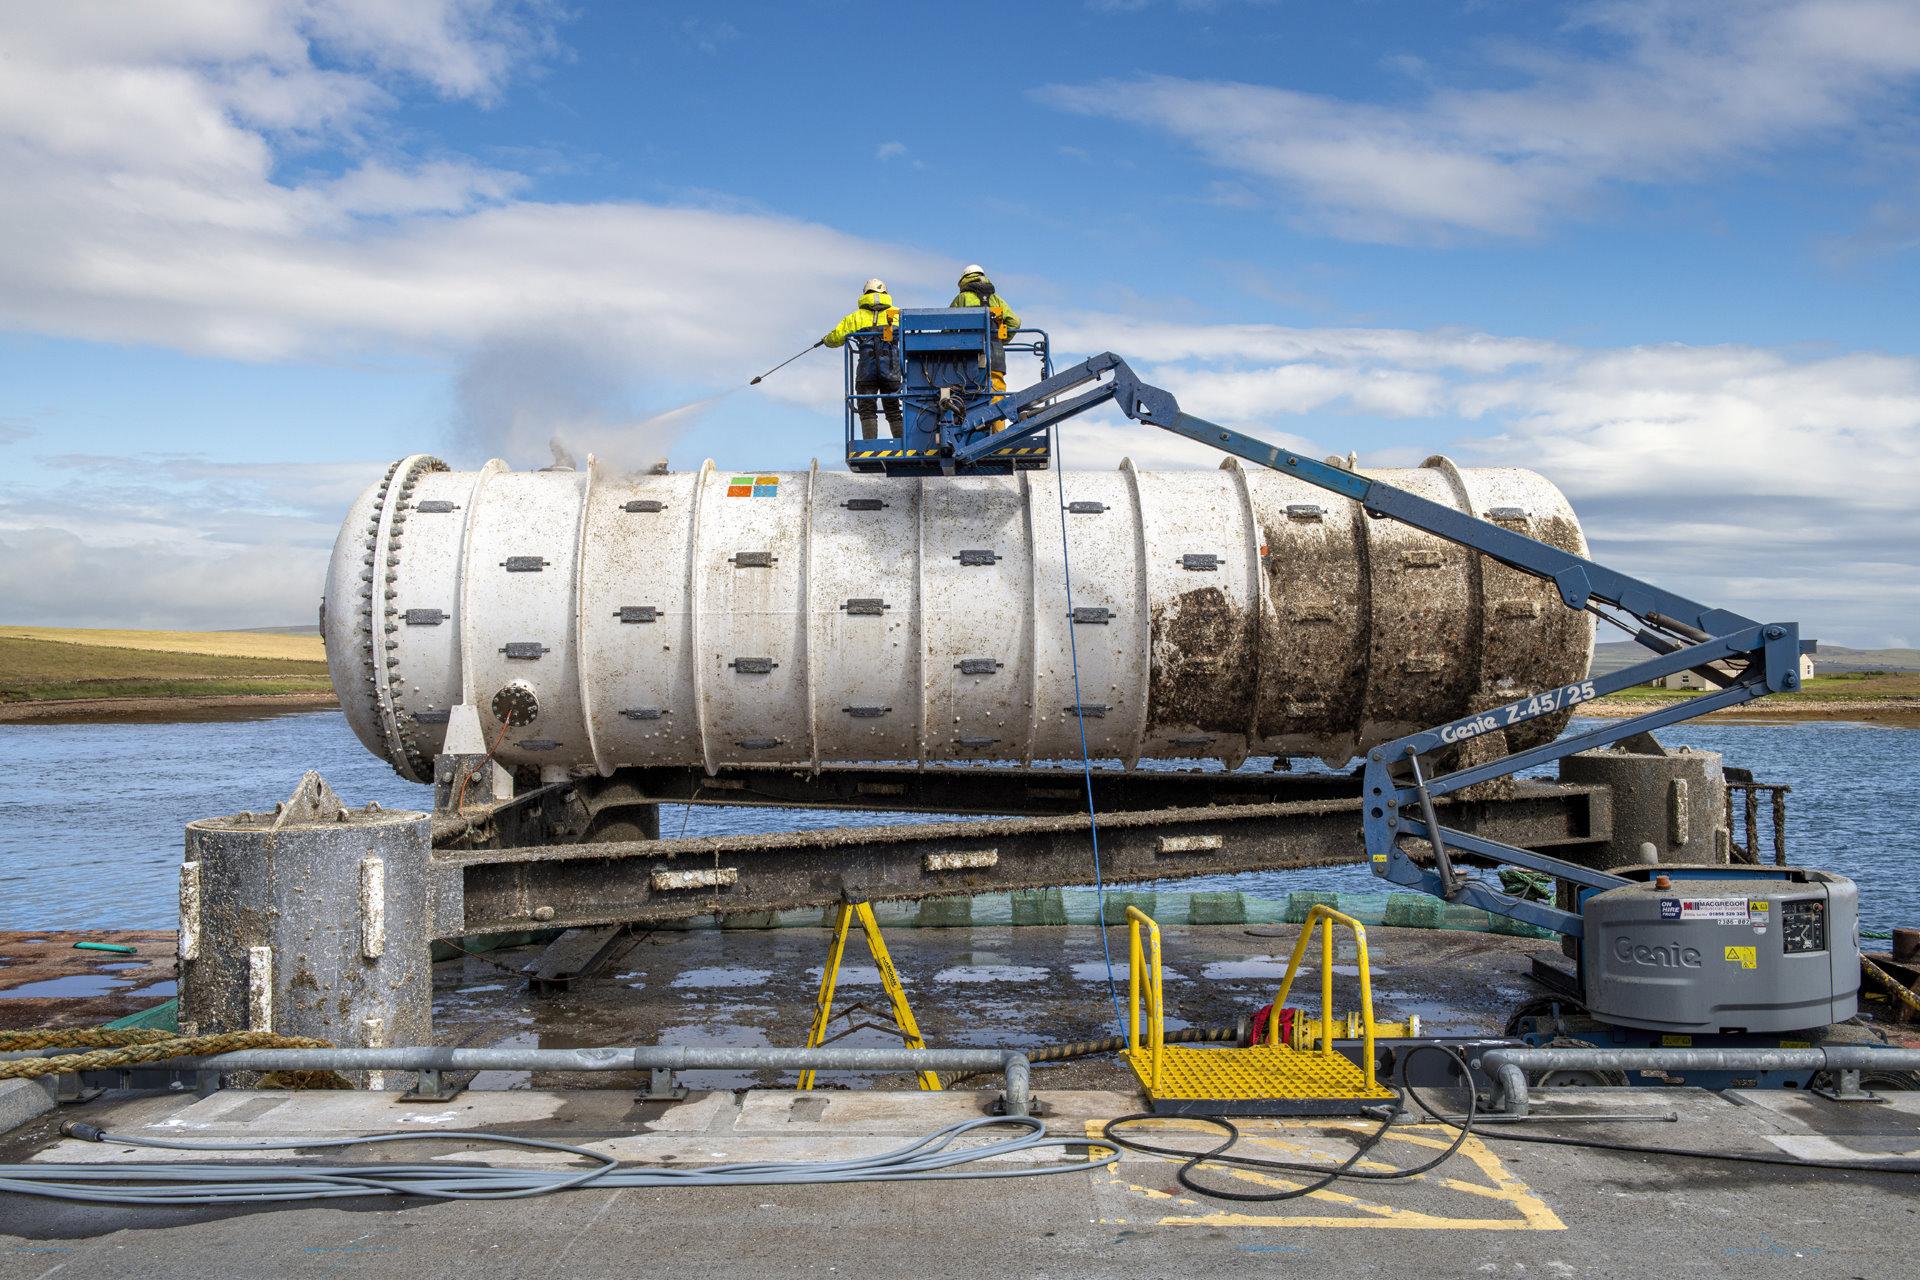 Microsoft отчиталась об успешном проведении эксперимента по созданию подводного дата-центра - 8